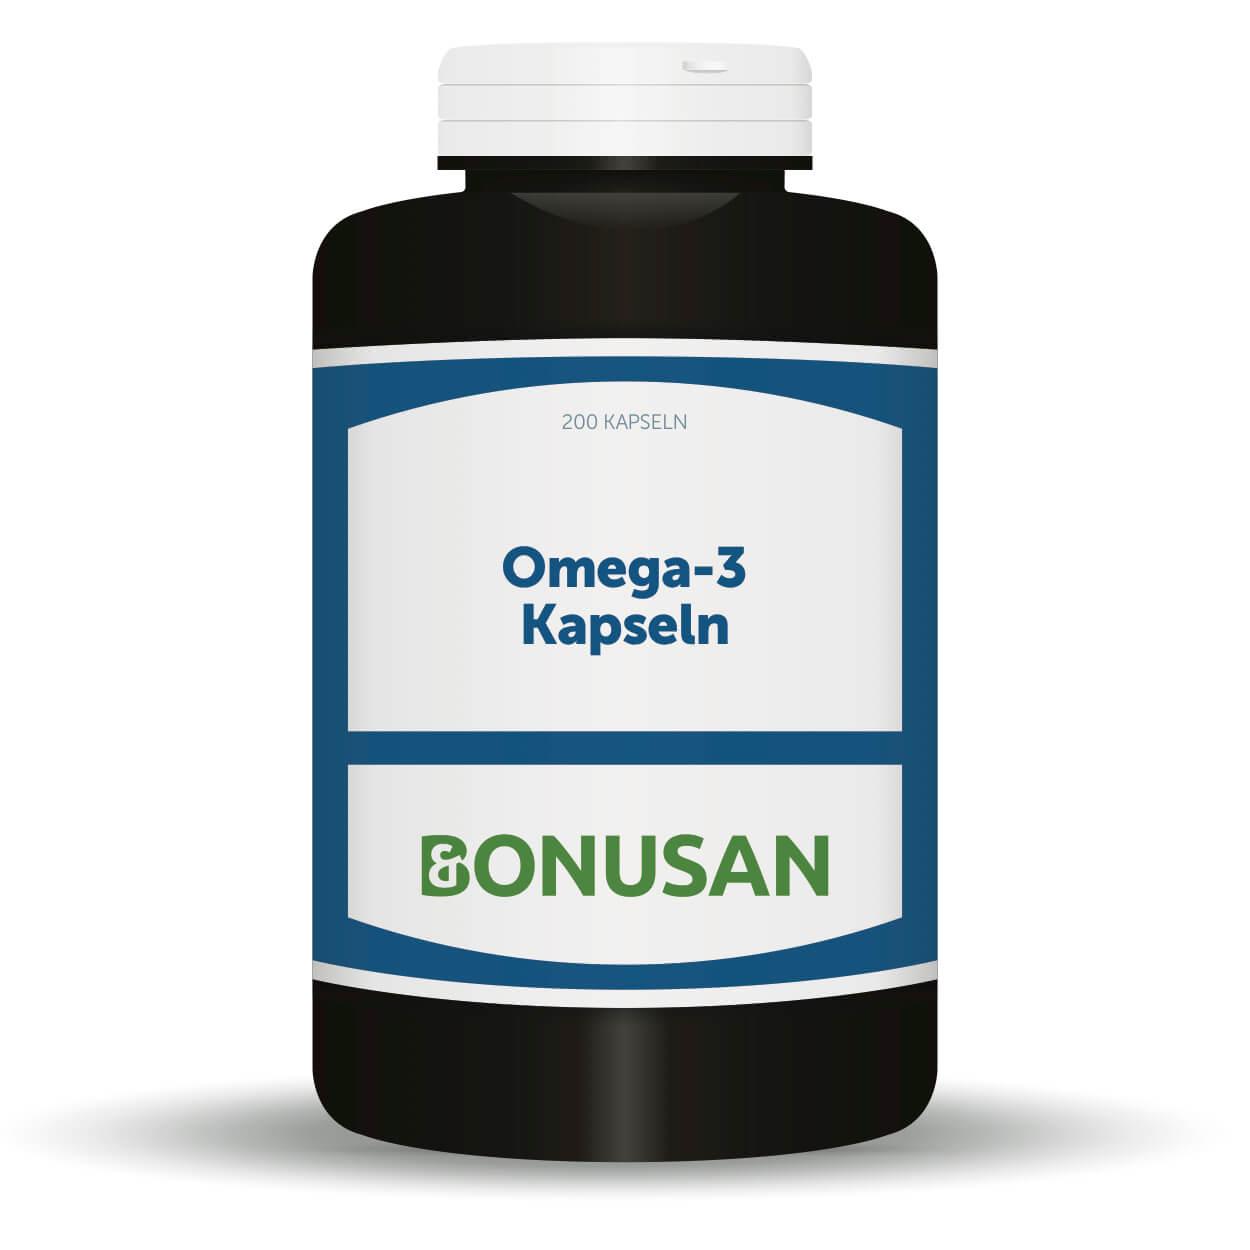 Omega-3 Kapseln Großpackung